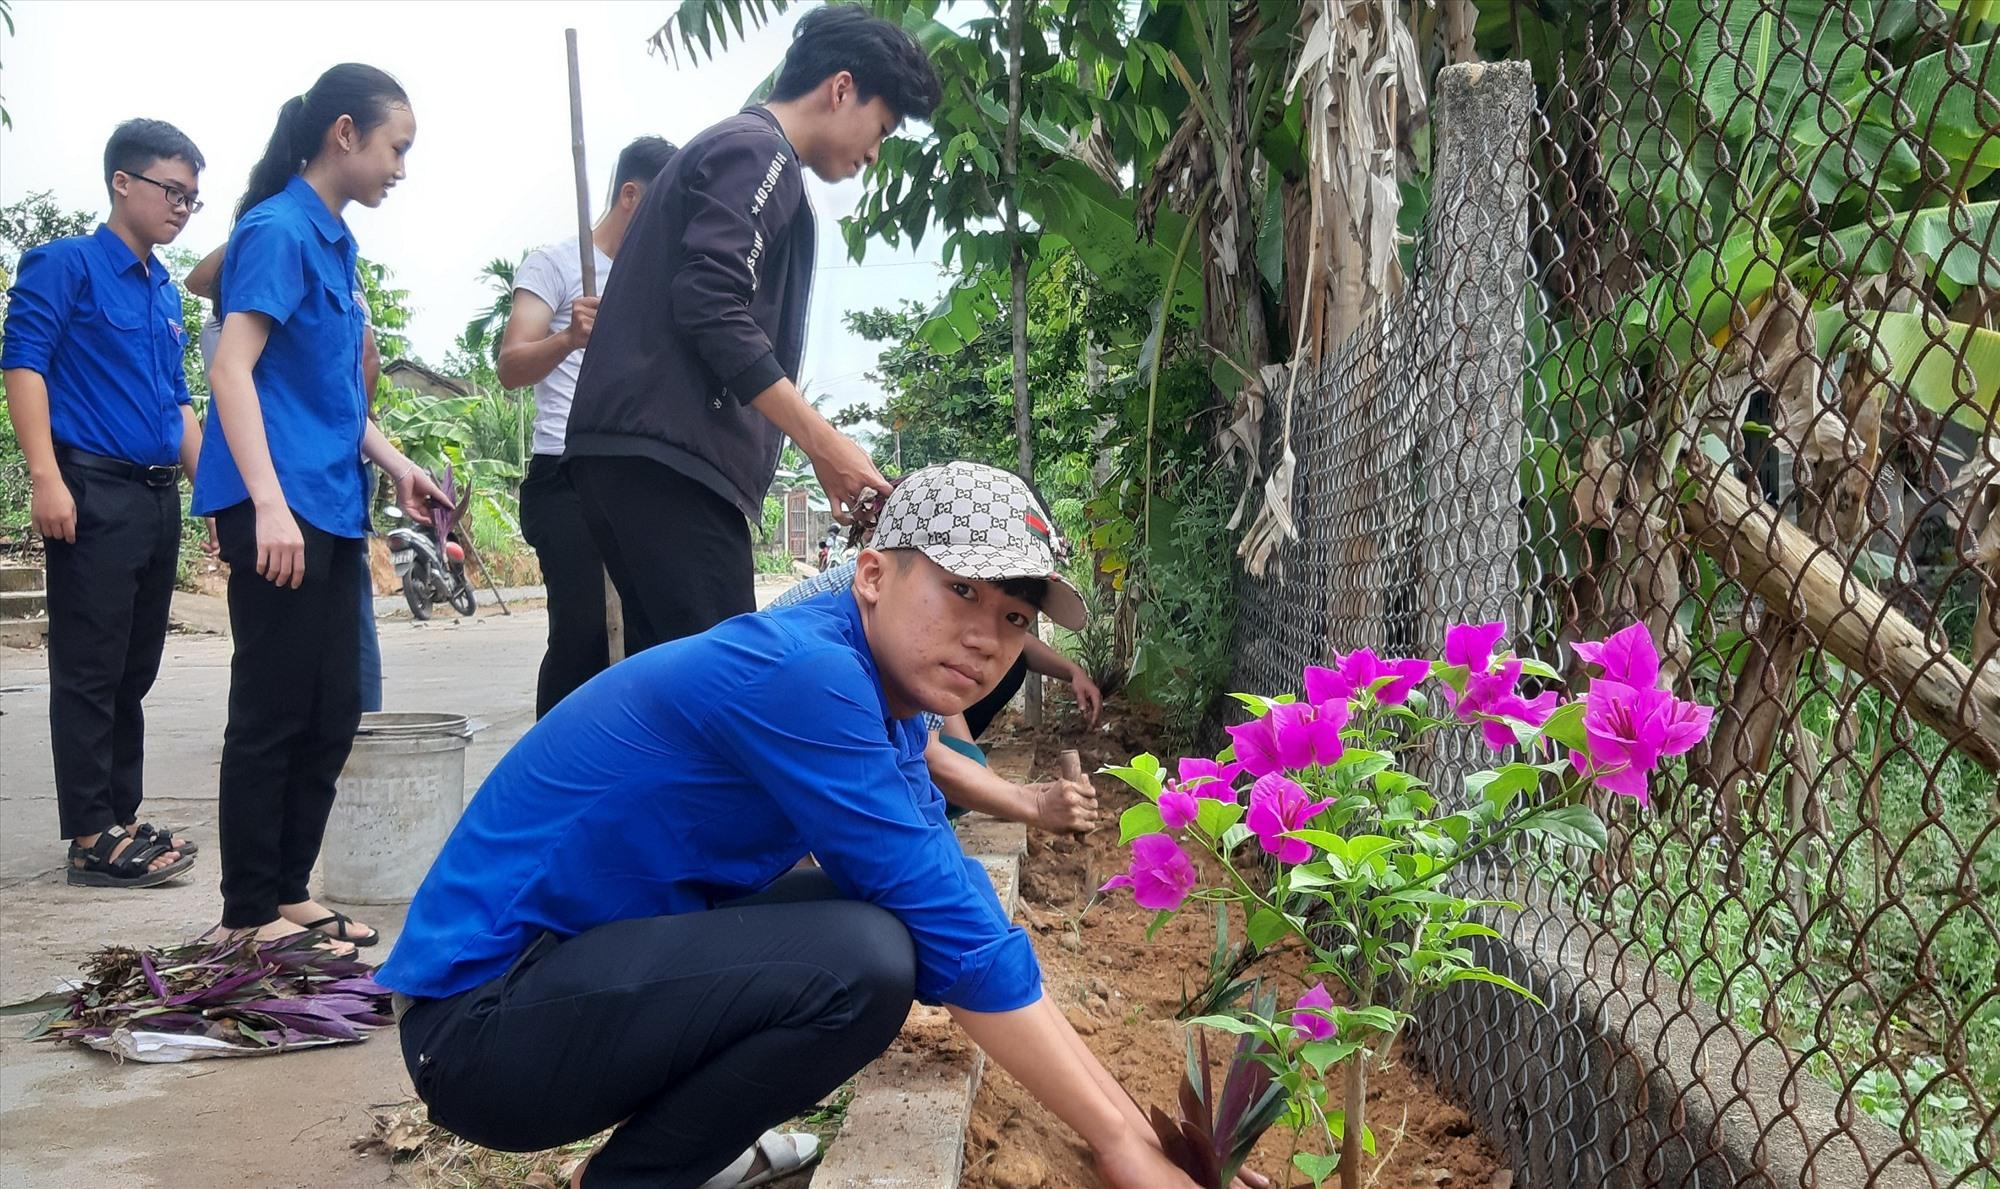 Người dân thôn Phú Bông (Duy Trinh, Duy Xuyên) ra quân trồng hoa thay thế cỏ dại trên các tuyến đường. Ảnh: HOÀI NHI